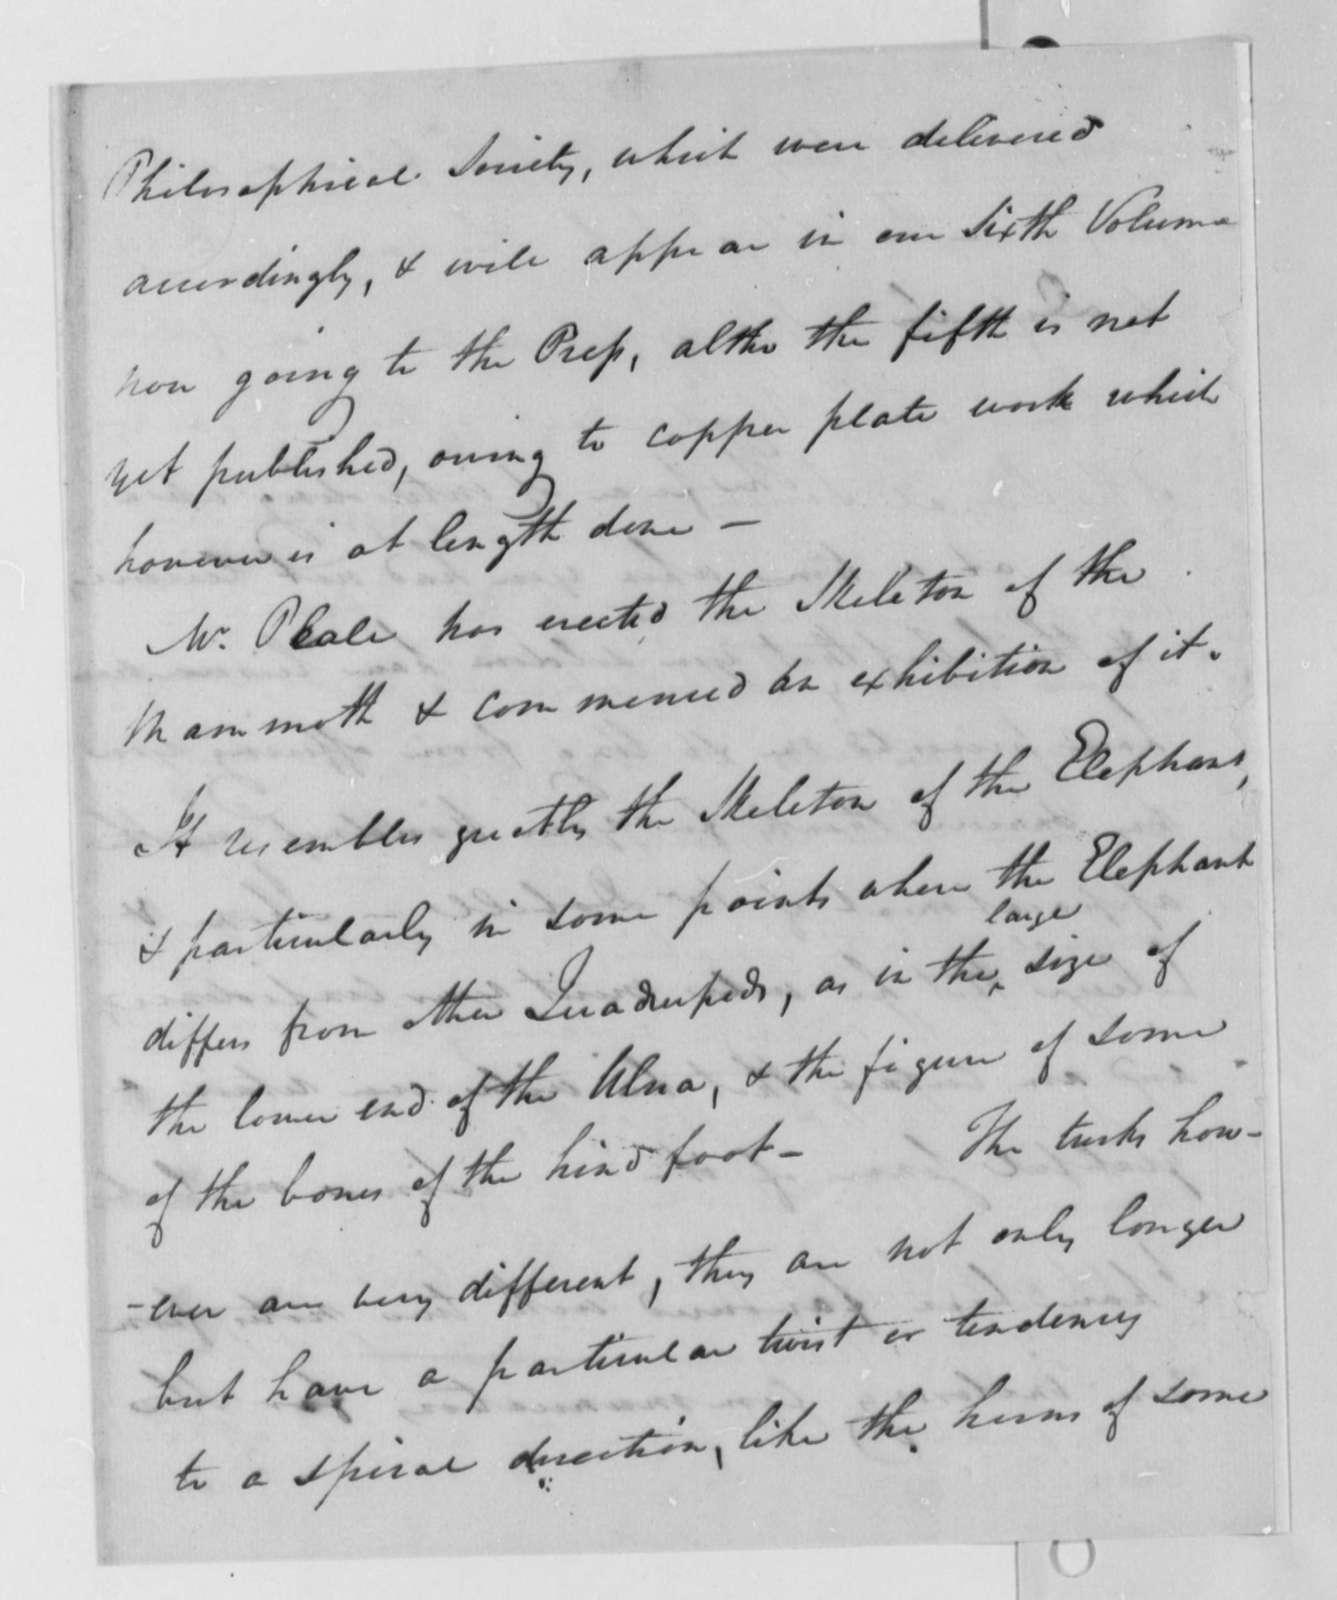 Caspar Wistar to Thomas Jefferson, January 1, 1802